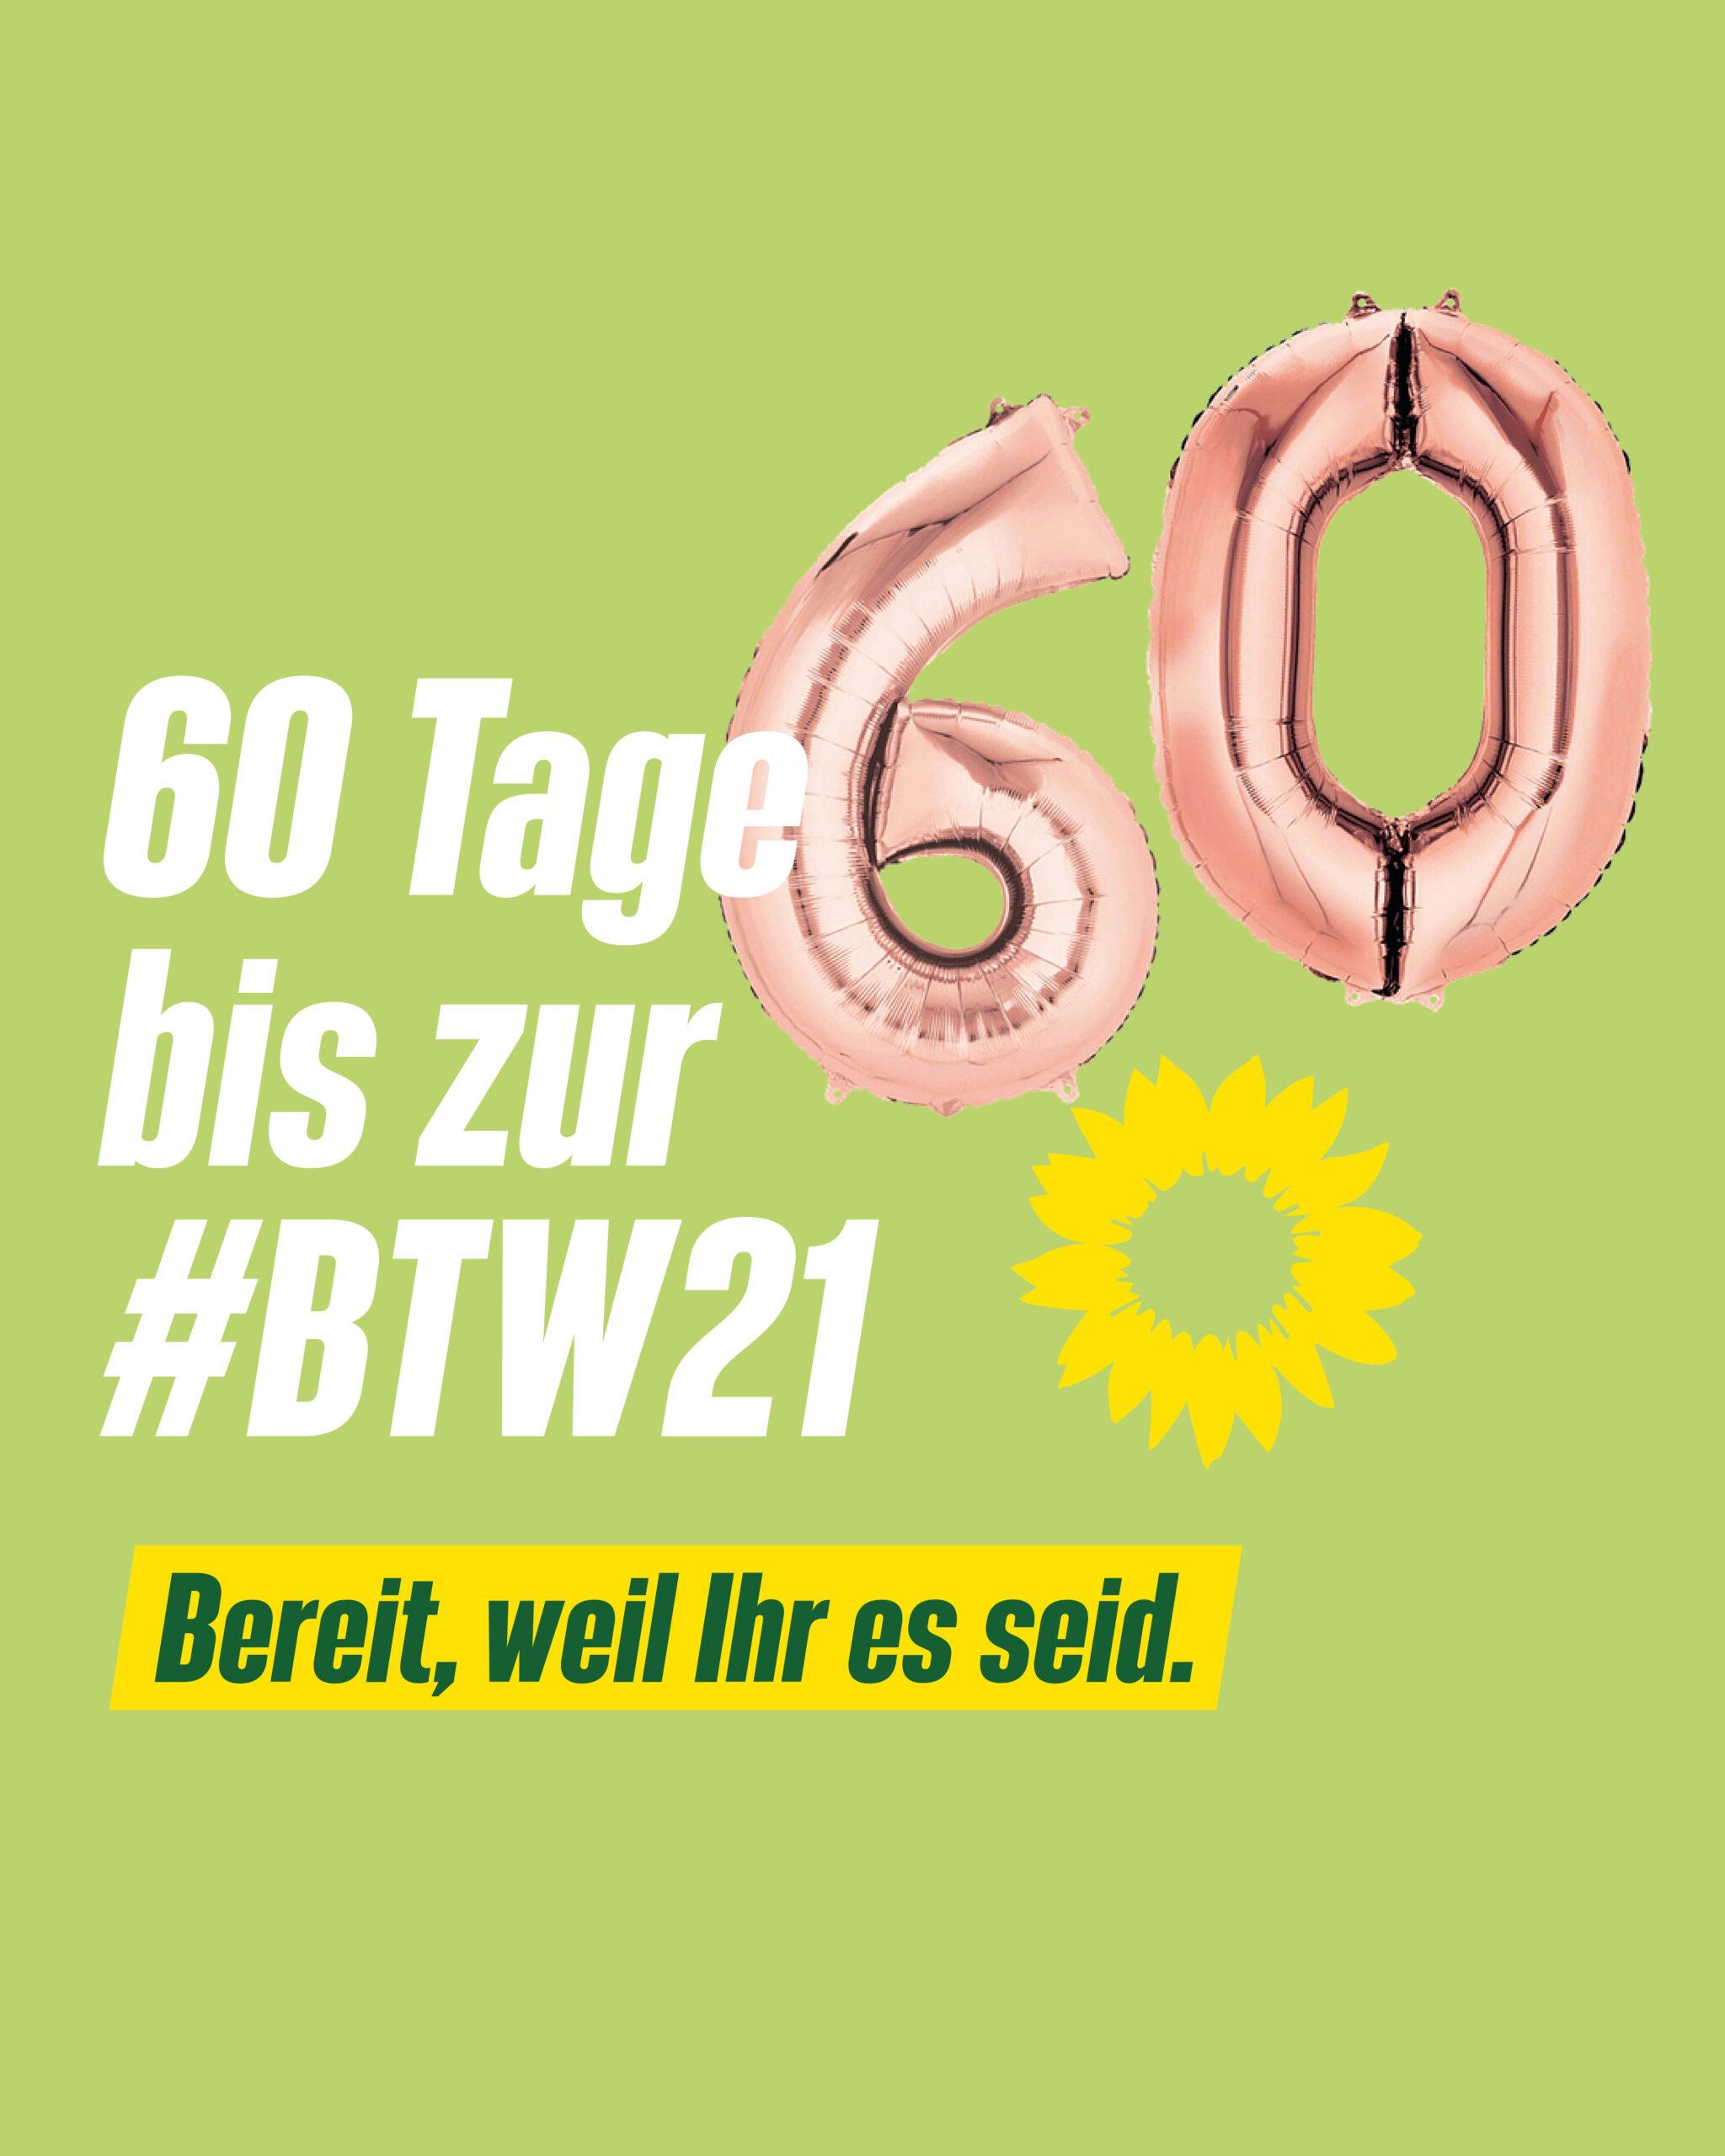 60 Tage bis zur Bundestagswahl